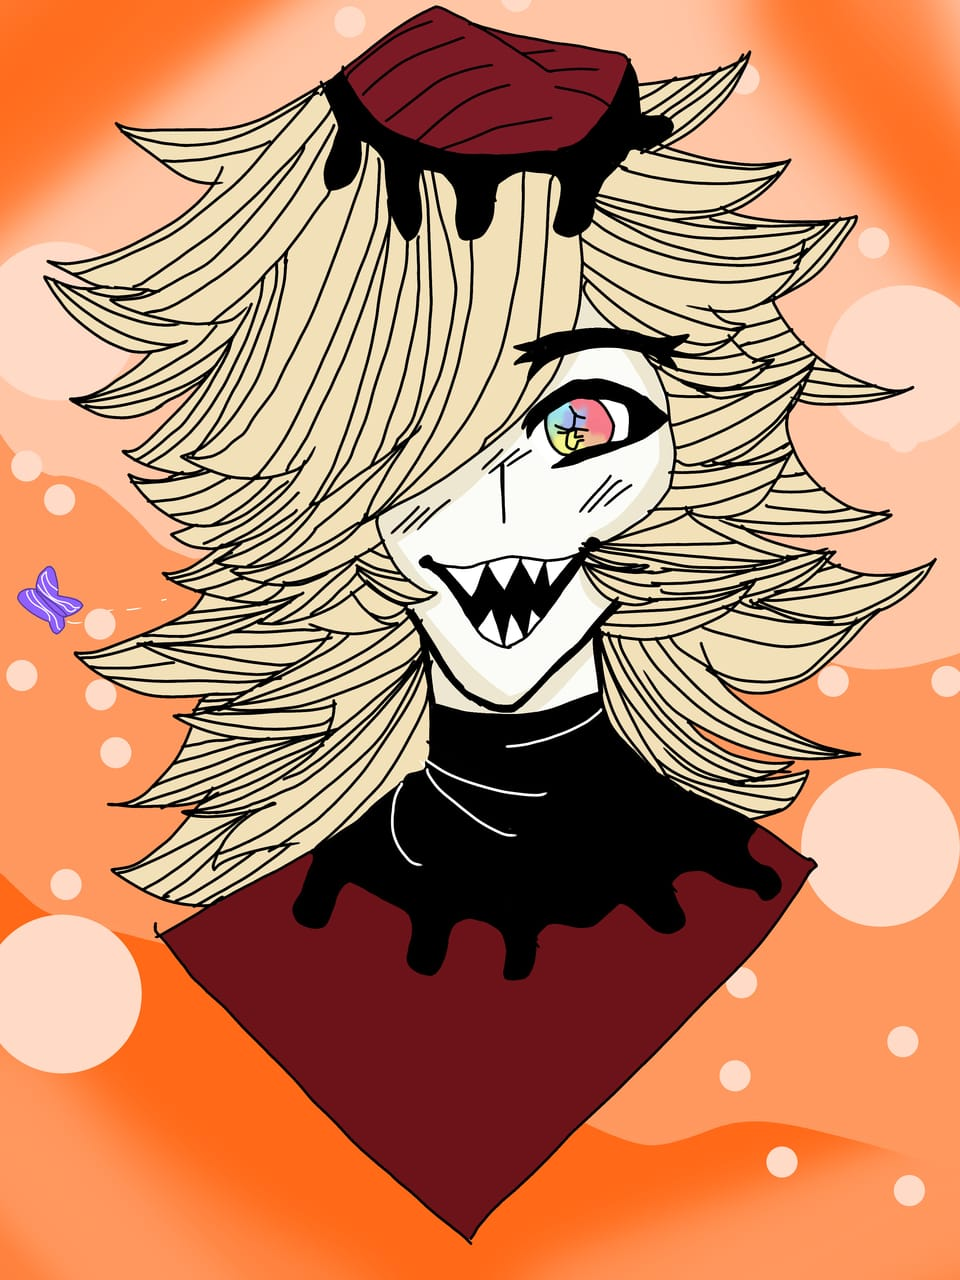 (Redraw) Drawing Doma in my style ! Illust of ~*ÄñïmêQµêêñÚwÚ*~ KimetsunoYaiba